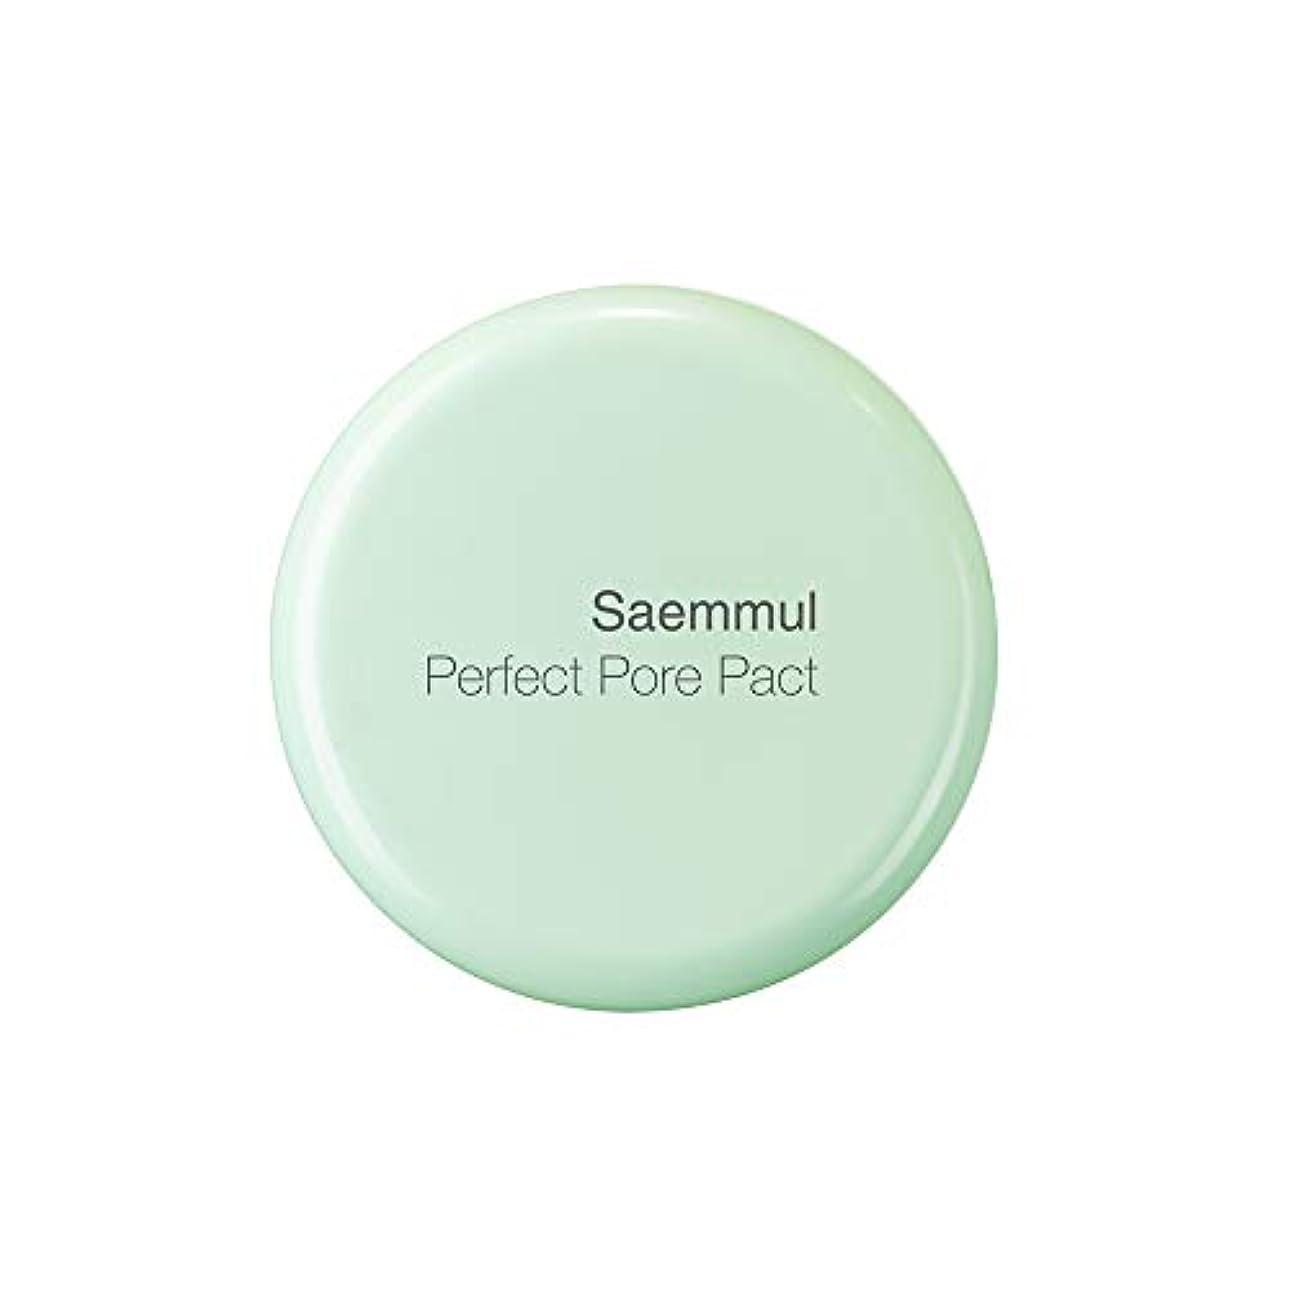 余分な血間違いTHE SAEM(ザ セム) 日本公式 (the SAEM) センムル パーフェクトポア パクト (0164) 12g